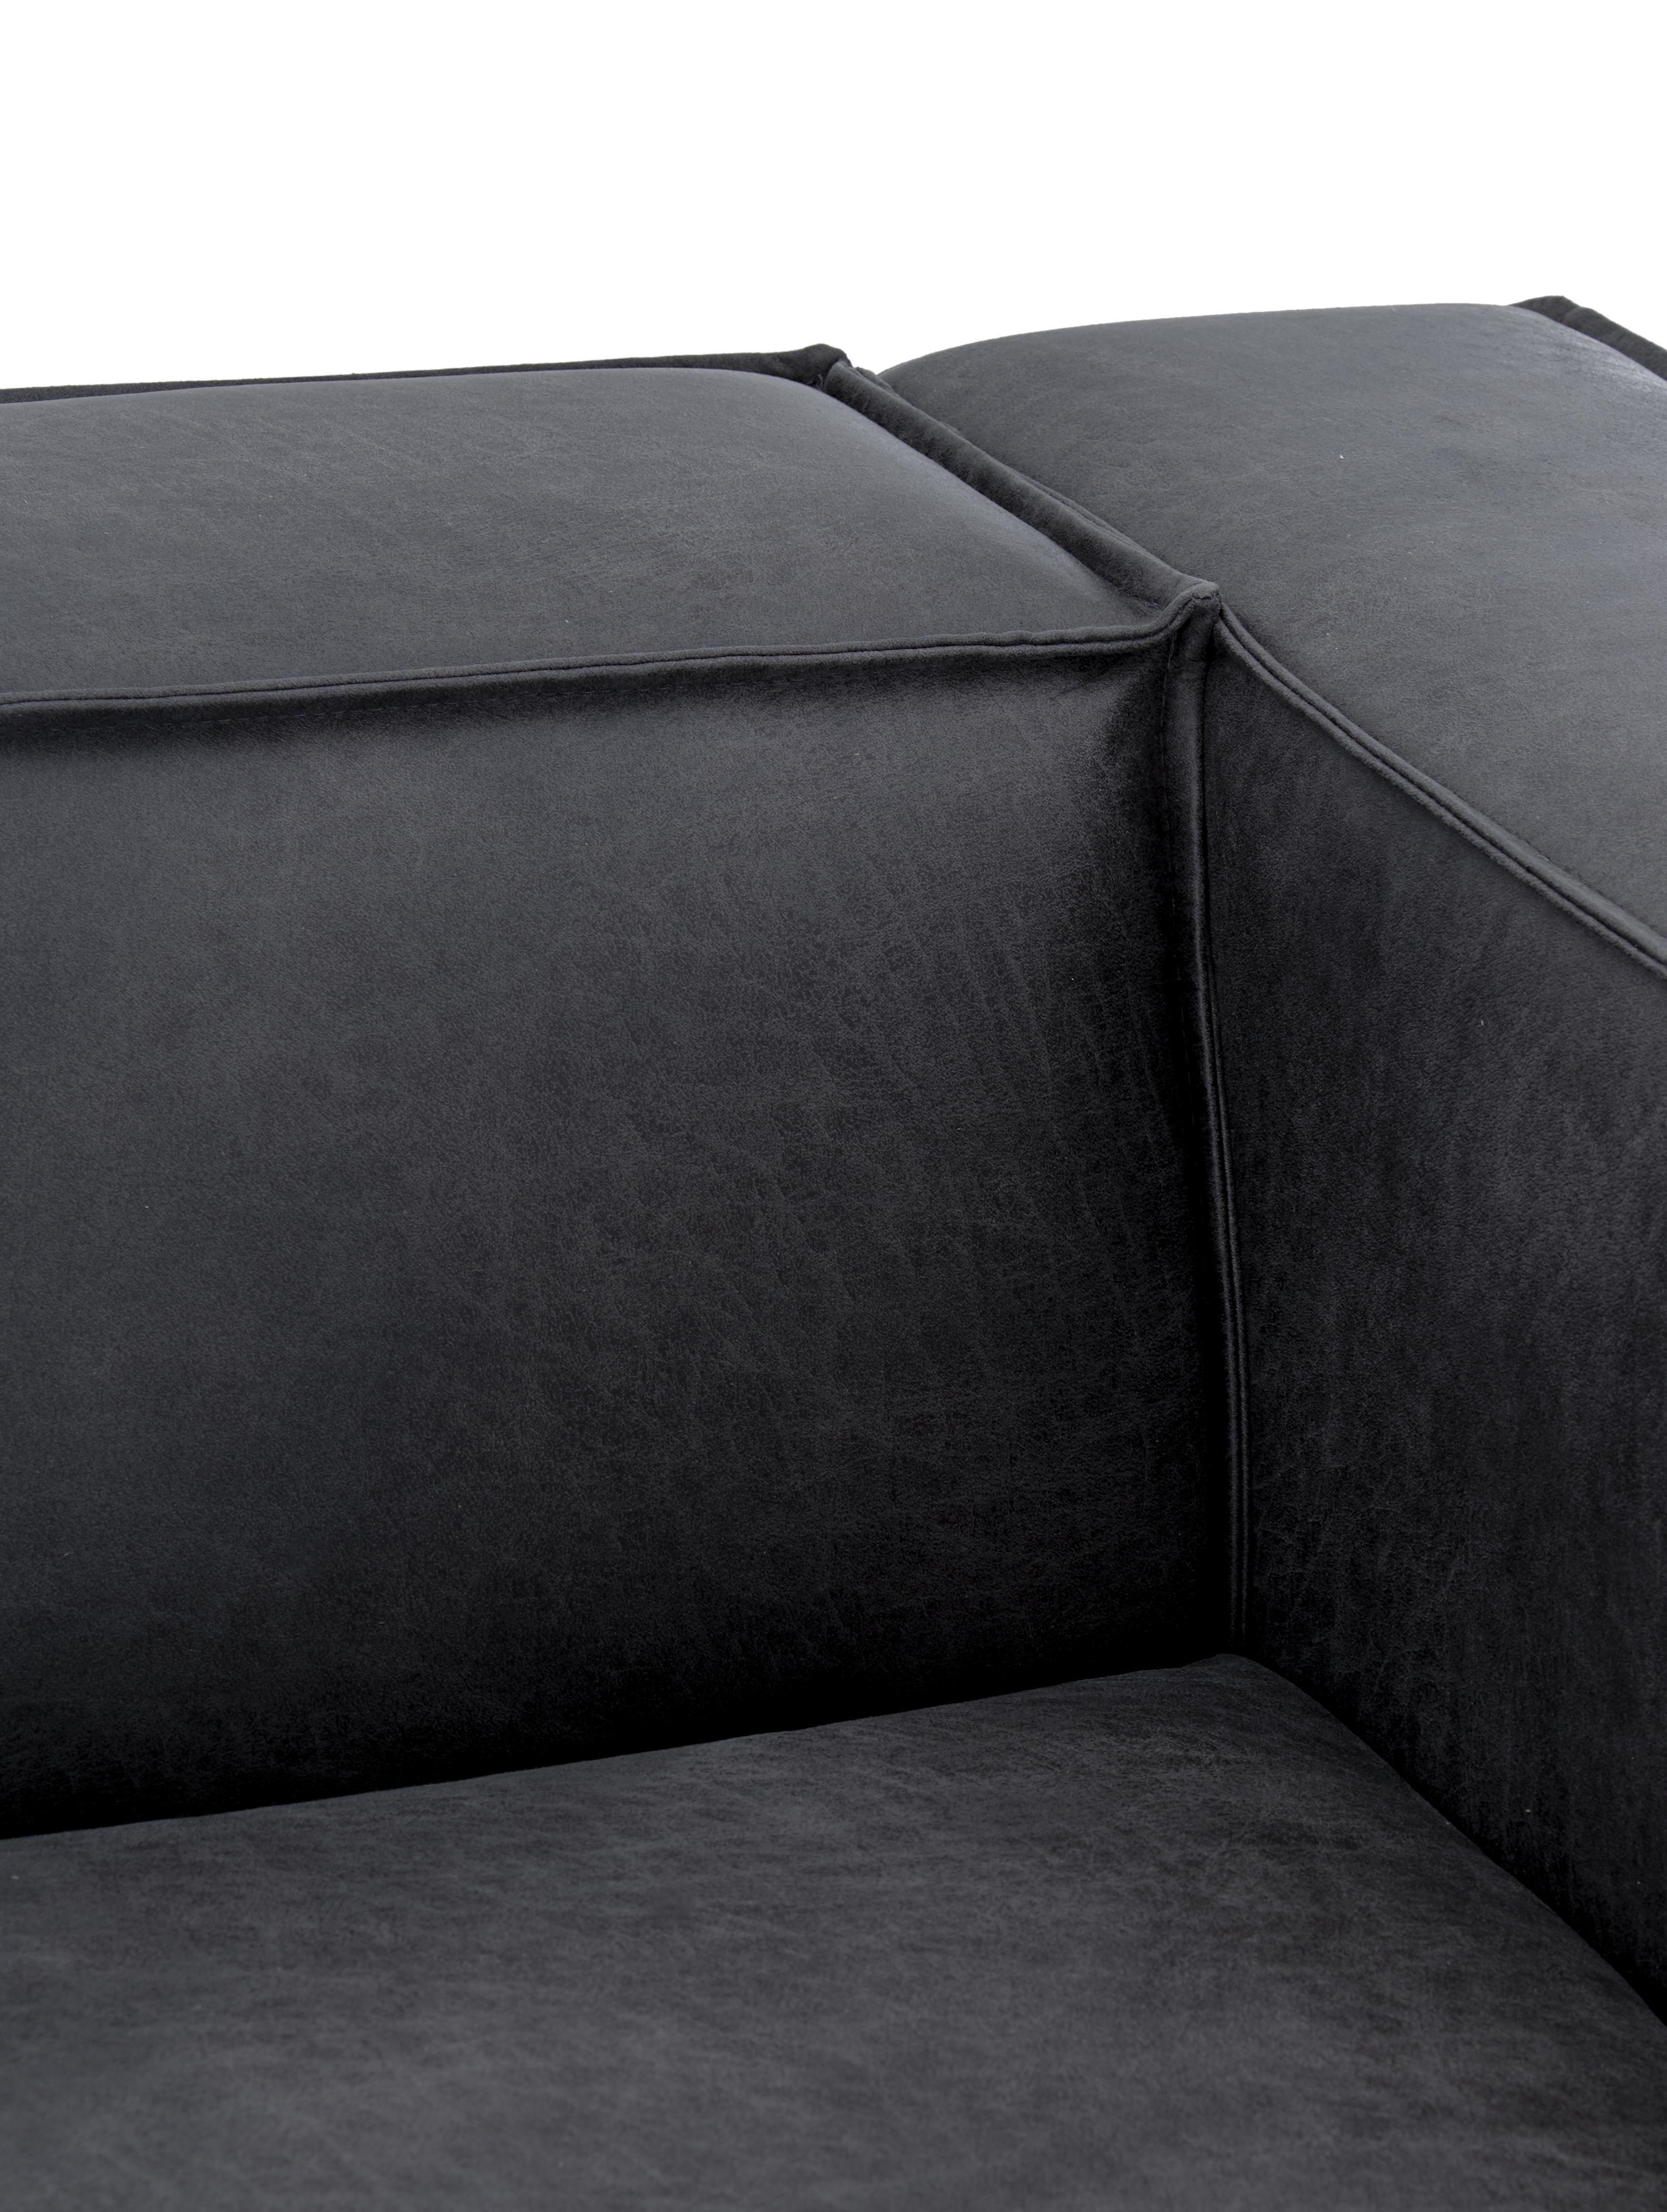 Divano 3 posti in pelle Abigail, Rivestimento: fibra di cuoio (70% pelle, Piedini: acciaio, verniciato, Pelle grigio scuro, Larg. 230 x Prof. 95 cm